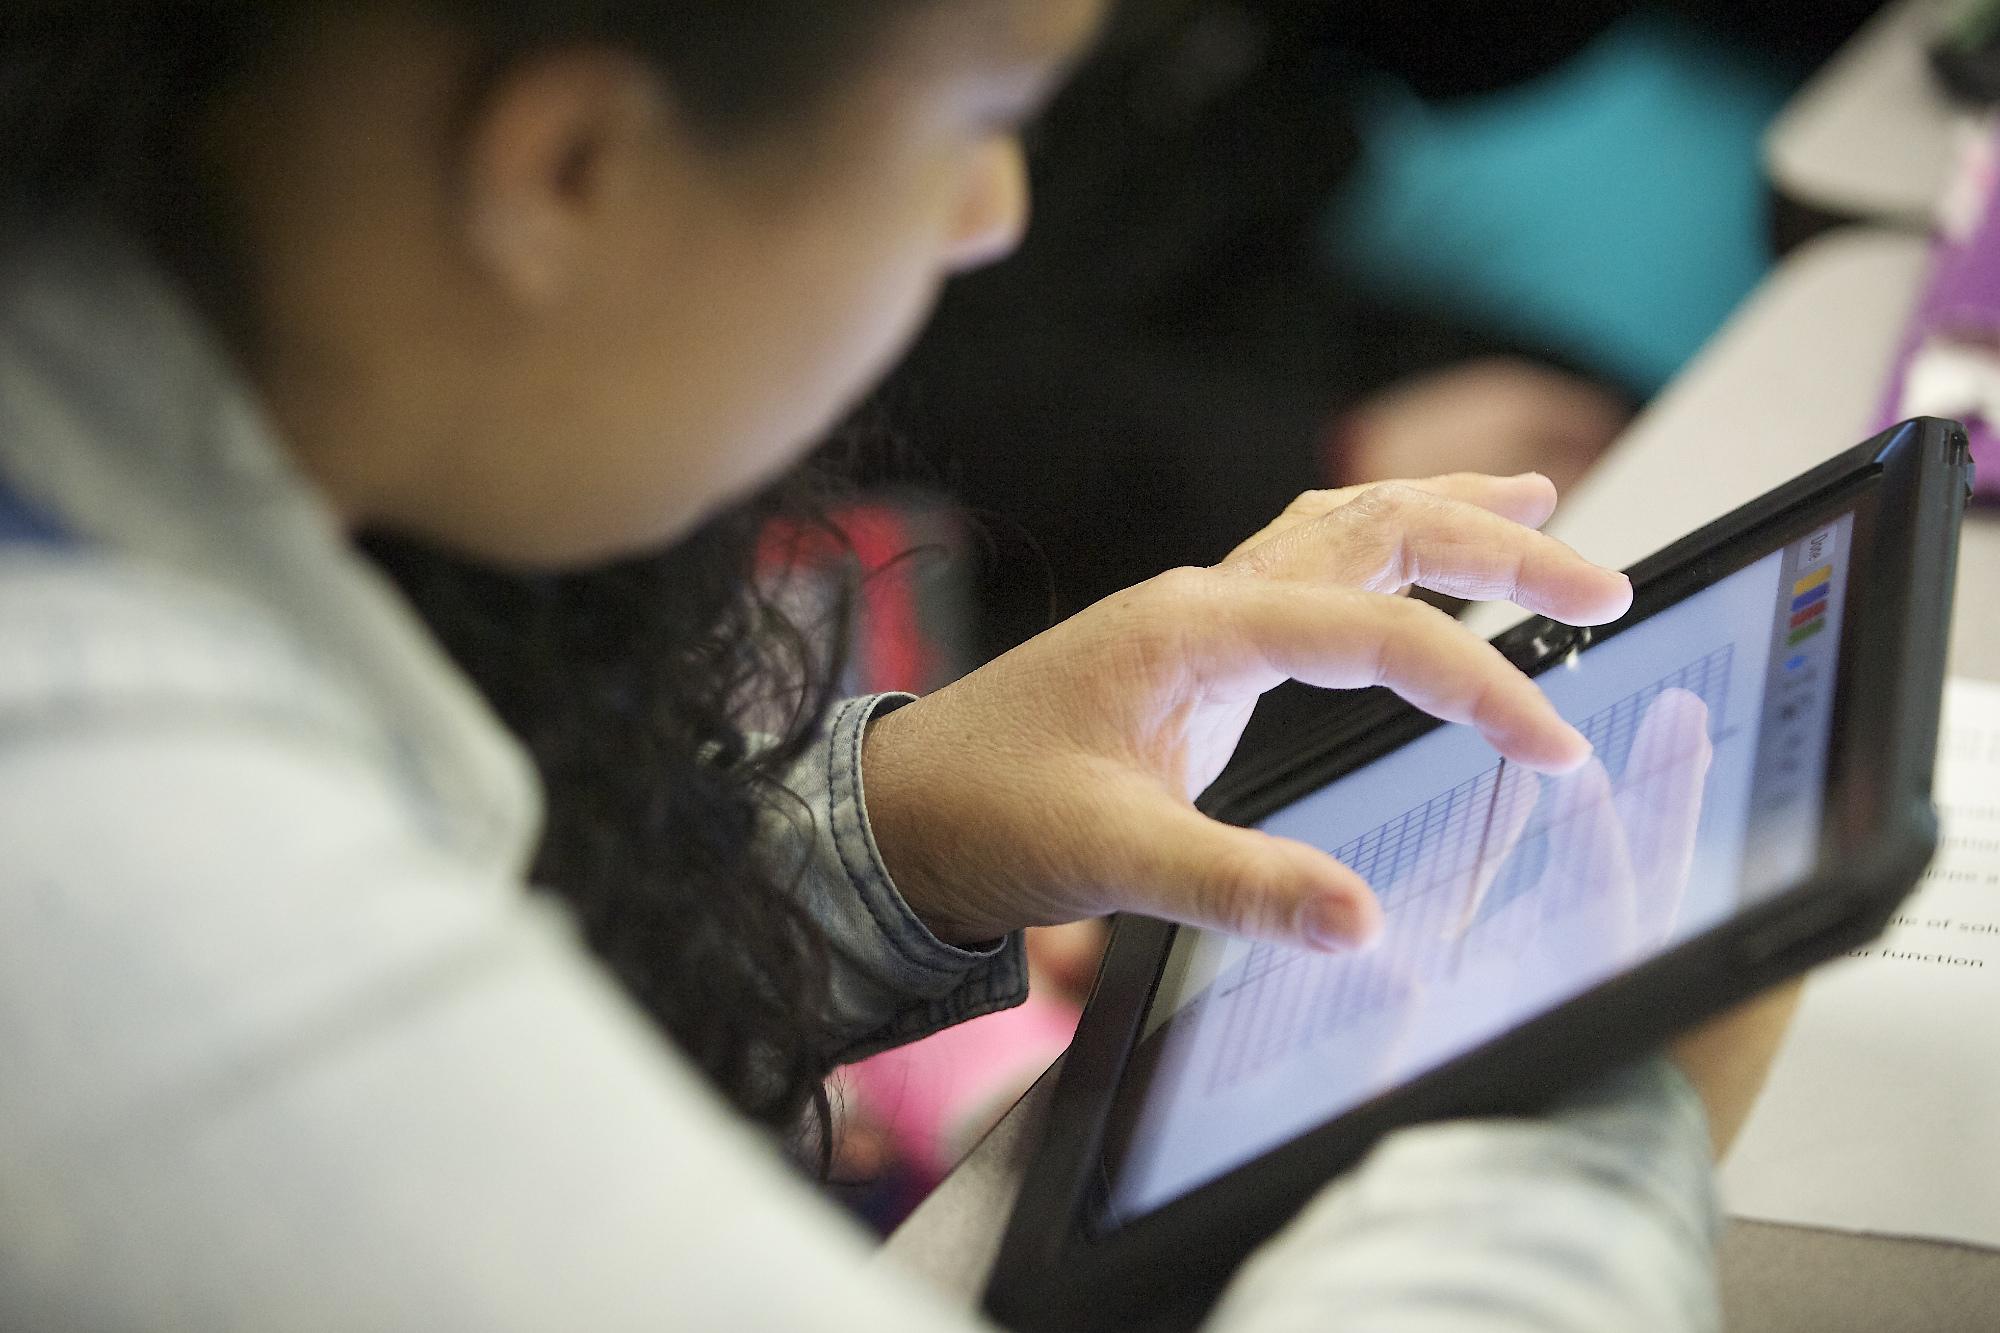 Δραστικά μέτρα για τις ανεπαρκείς ψηφιακές δεξιοτήτες μαθητών και εκπαιδευτικών